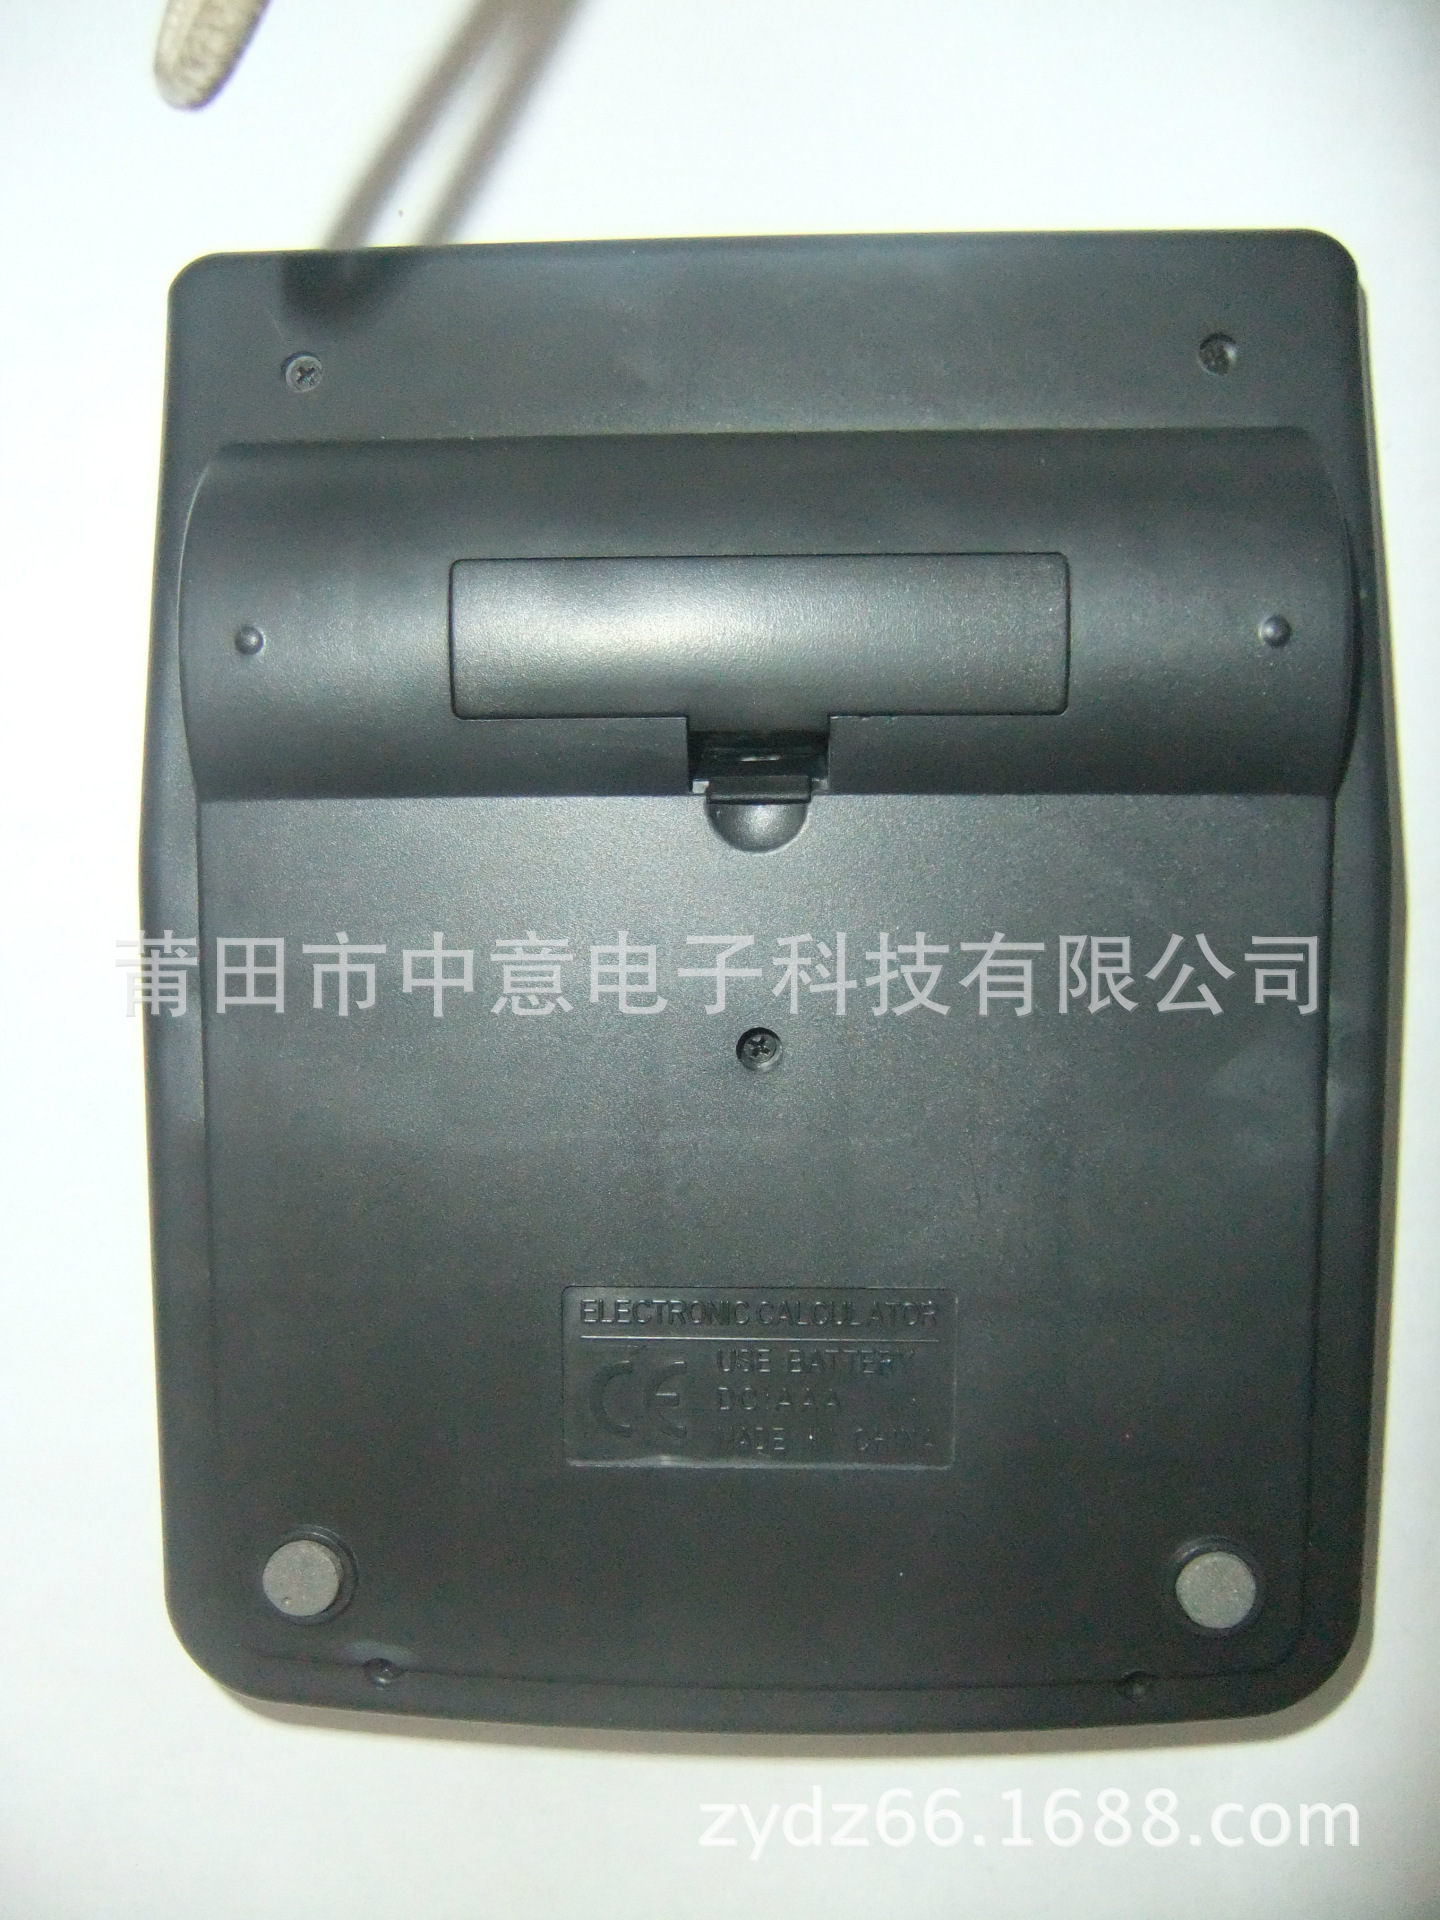 KK-800A-1背面